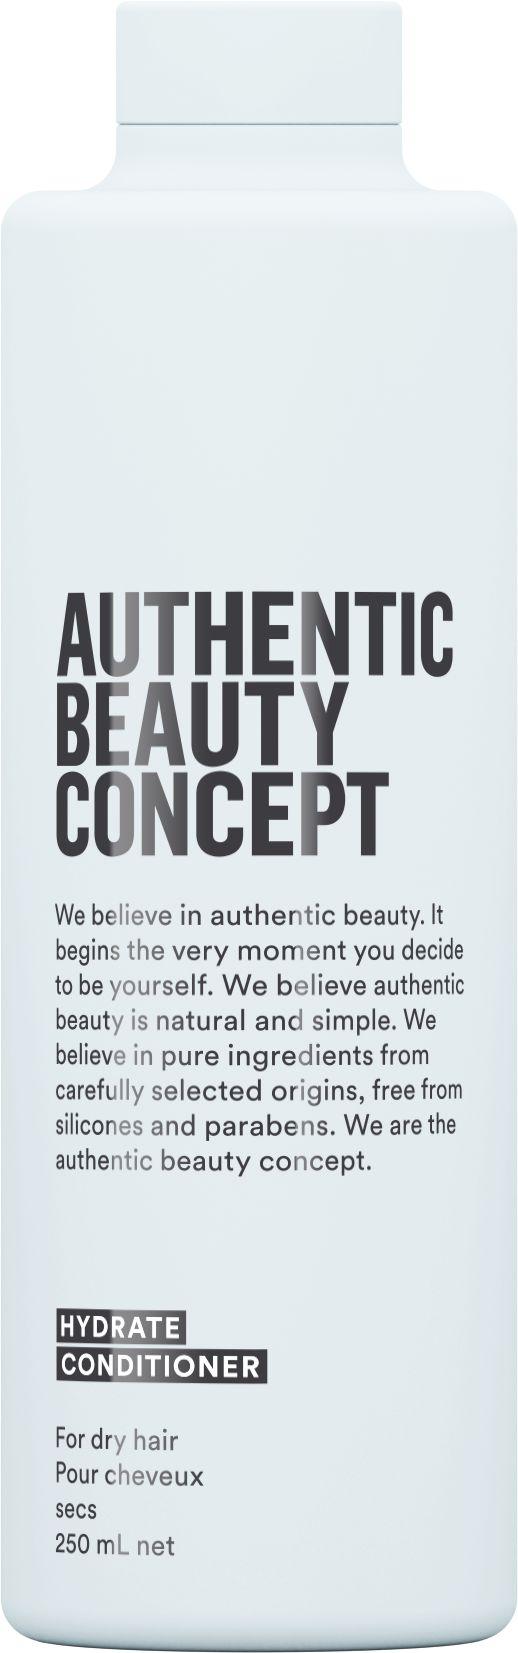 Authentic Beauty Concept Hydrate Odżywka Nawilżająca 250ml